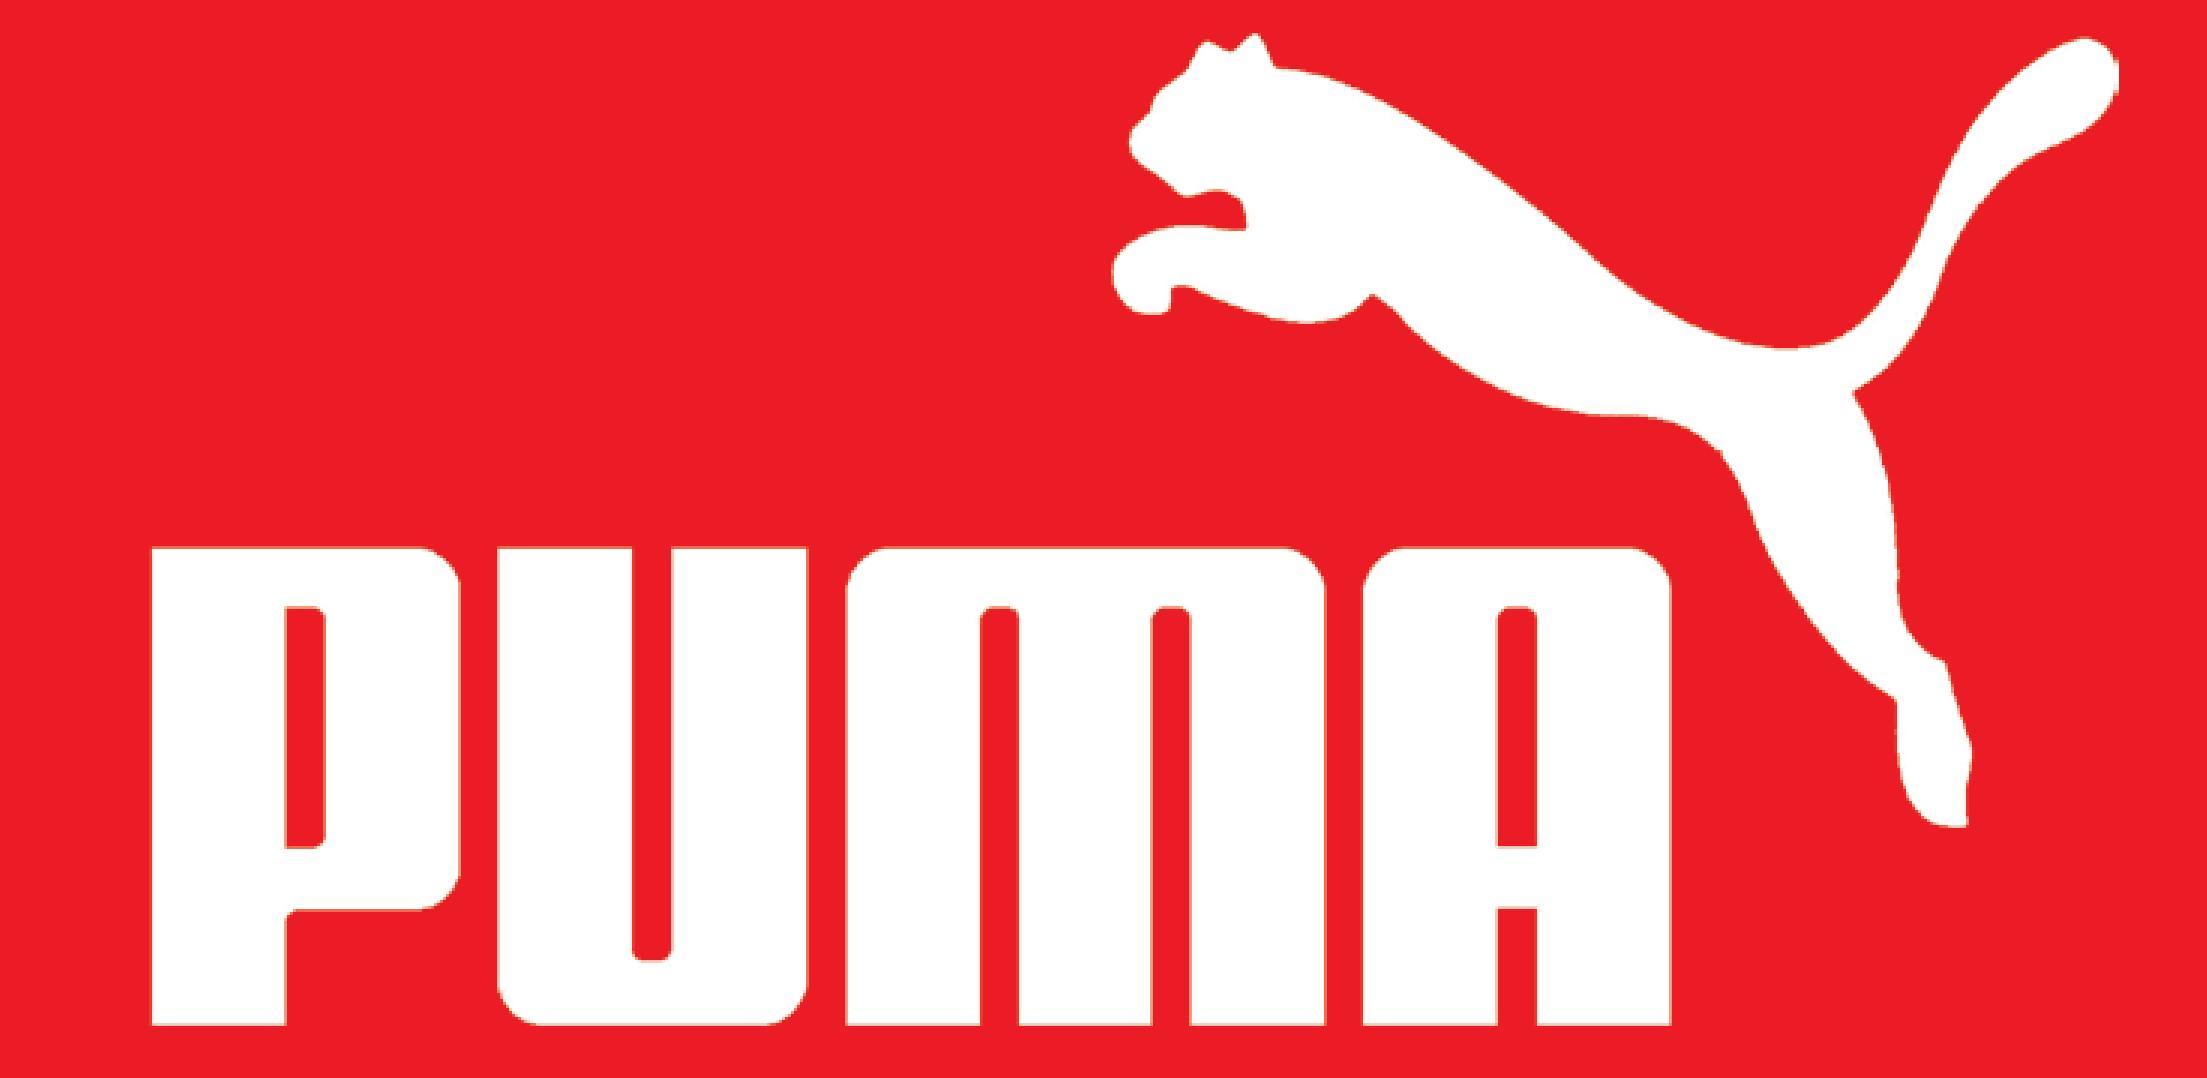 История спортивных брендов. Часть ll. Puma 8d2d5f8bea3f1